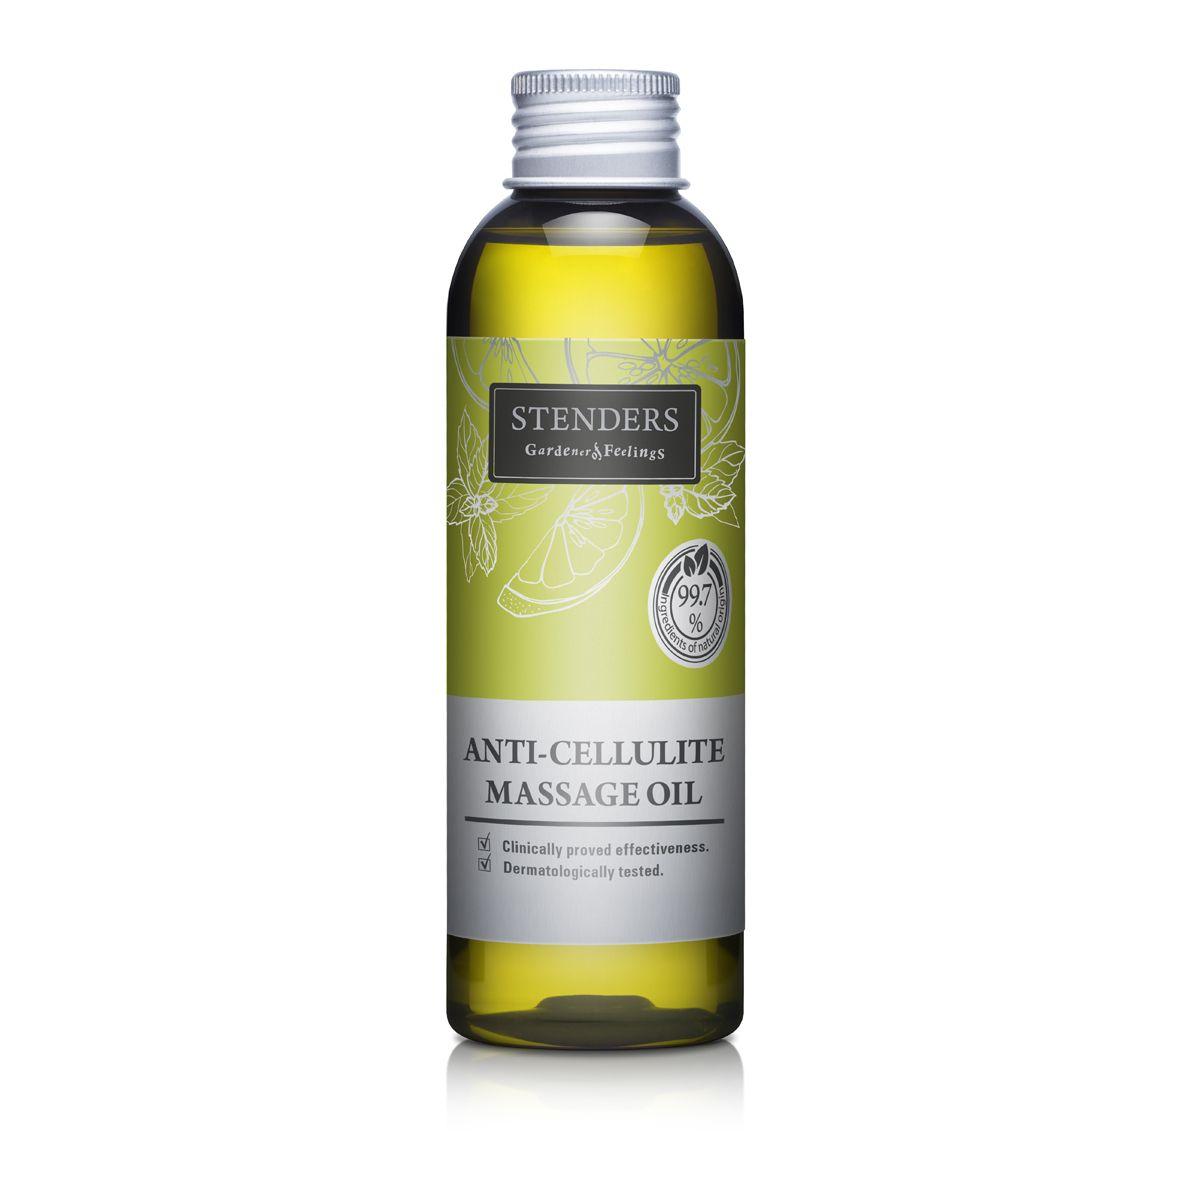 Stenders Масло для тела Антицеллюлитное 150 мл113084Регулярное использование этого масла при массаже позволяет достичь заметных результатов, предотвращая и заметно уменьшая эффект «апельсиновой корки».